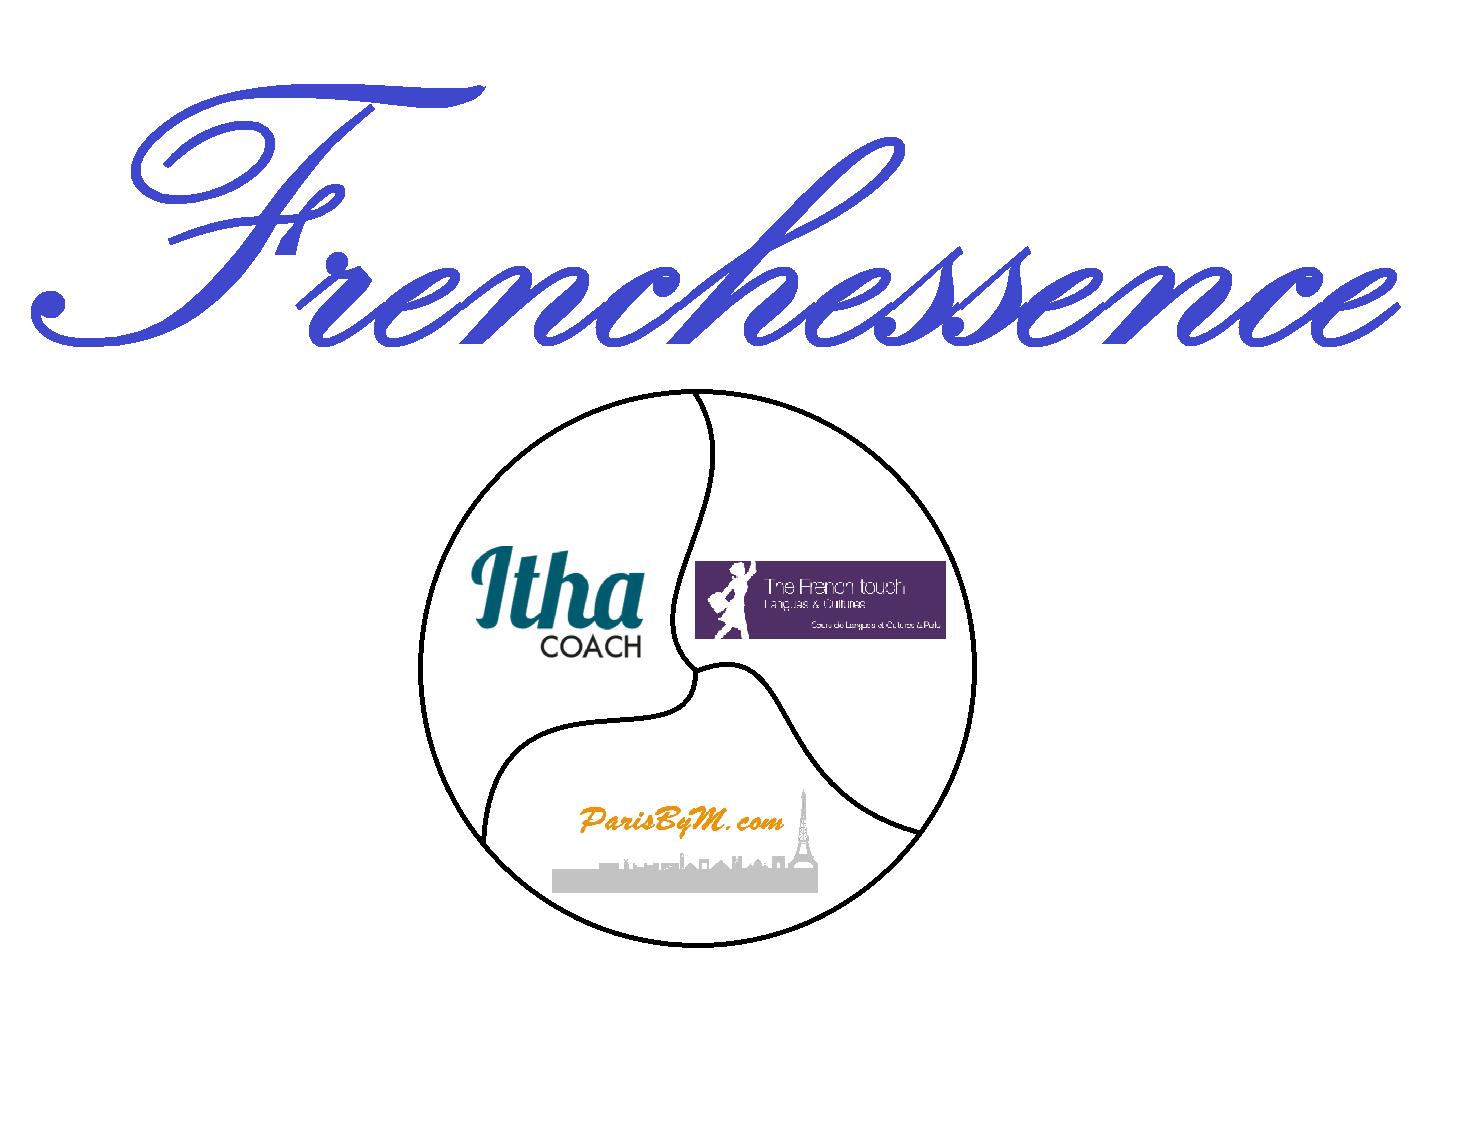 Frenchessence, network of women entrepreneur